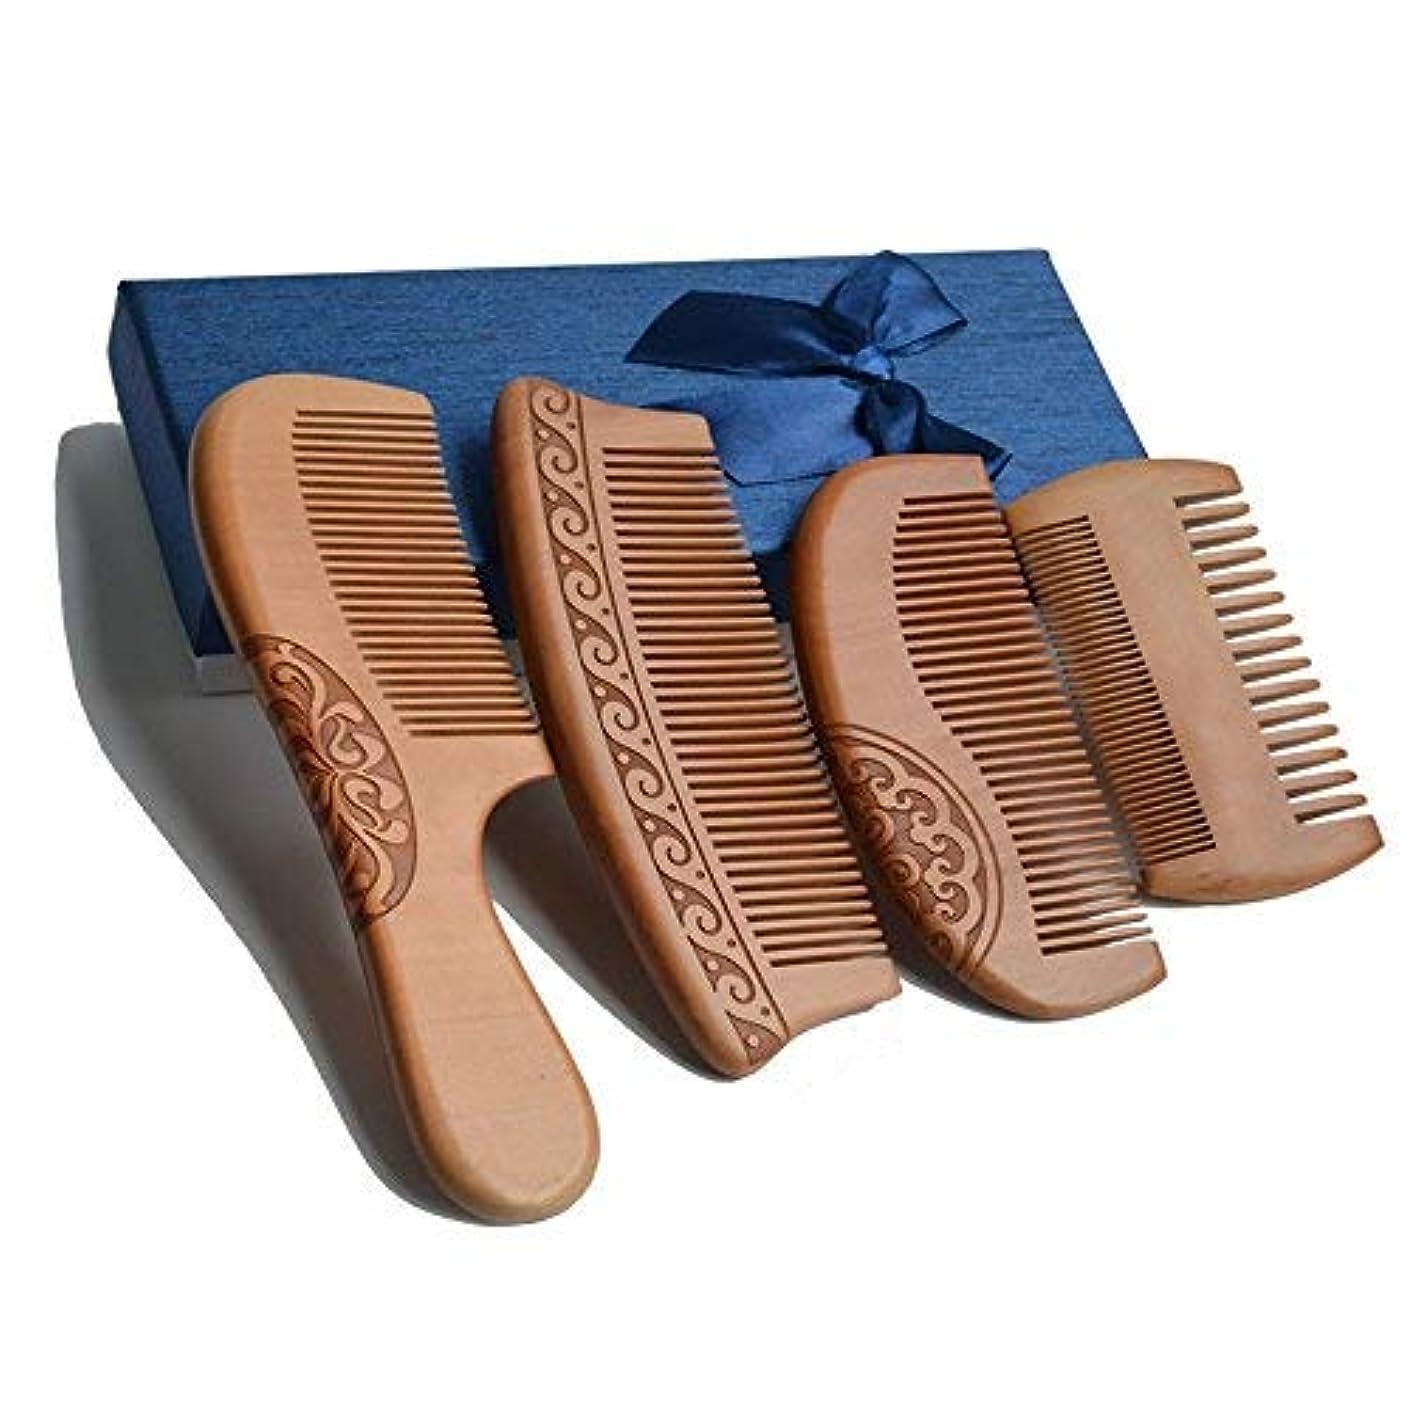 ボイコットリズミカルな汚す4Pcs Wooden Hair Comb No Static Hair Detangler Detangling Comb with Premium Gift Box [並行輸入品]